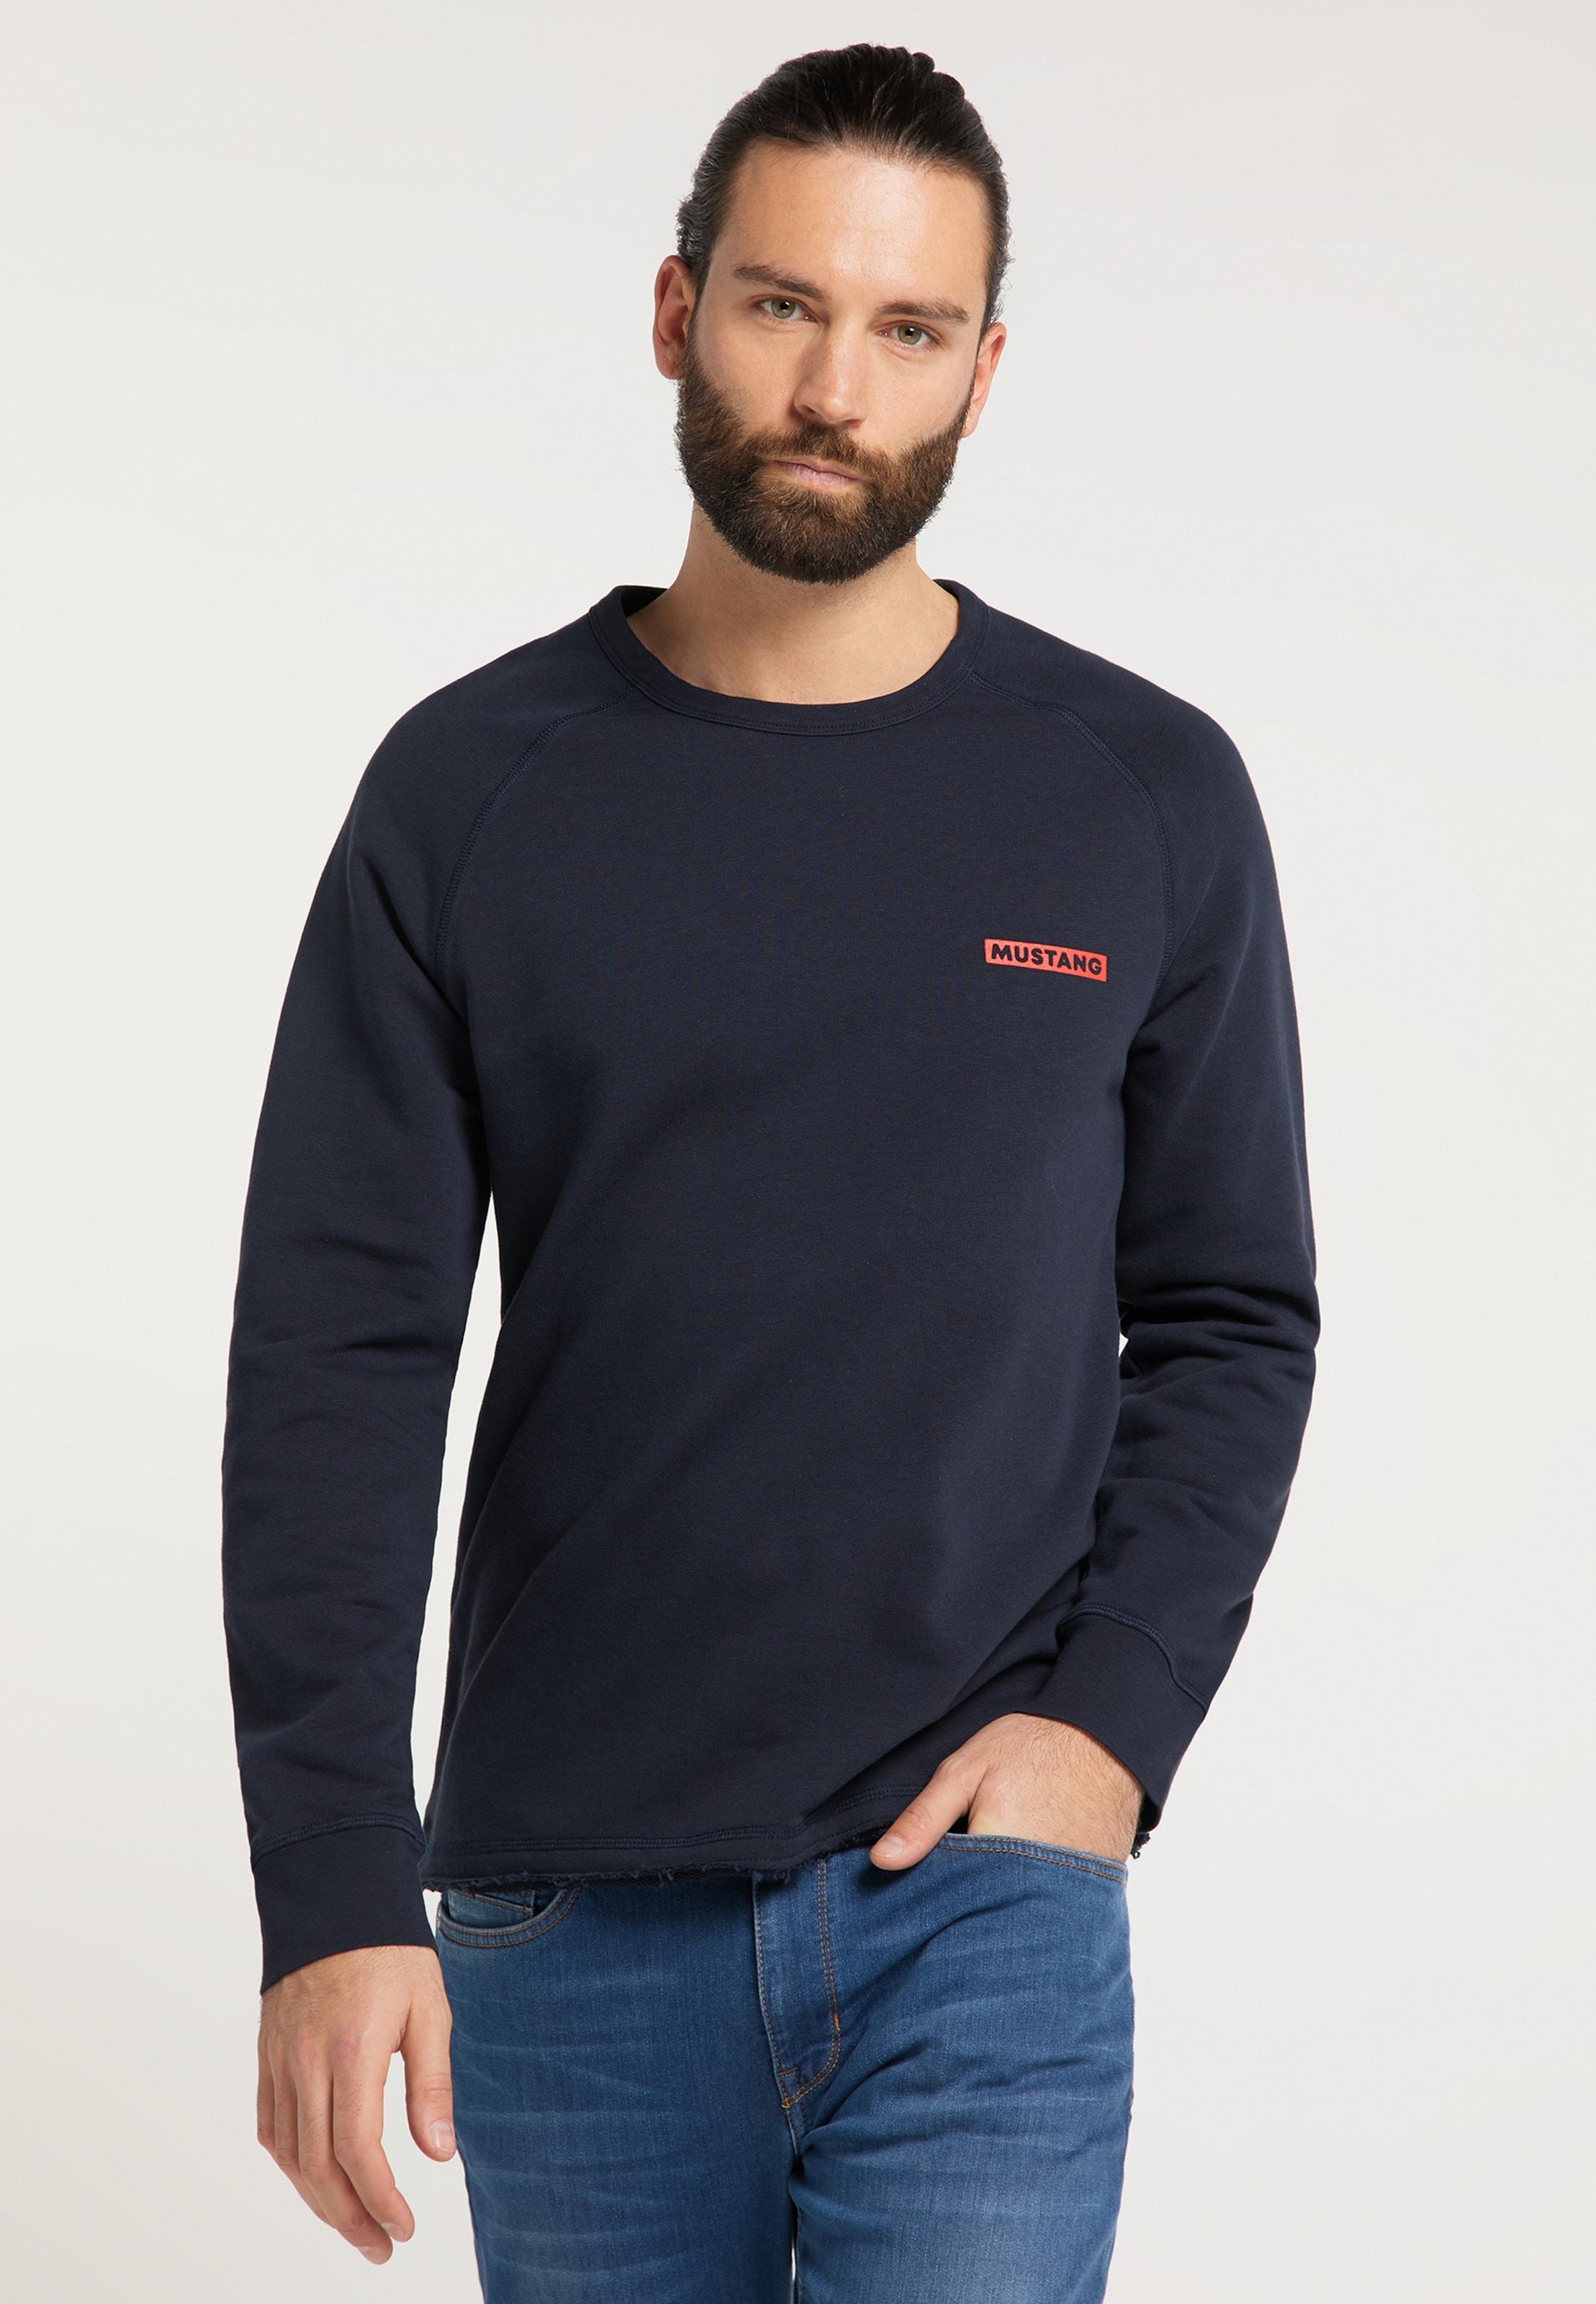 MUSTANG Sweatshirt ' Ben C ' in dunkelblau Sweatstoff 1008540000004